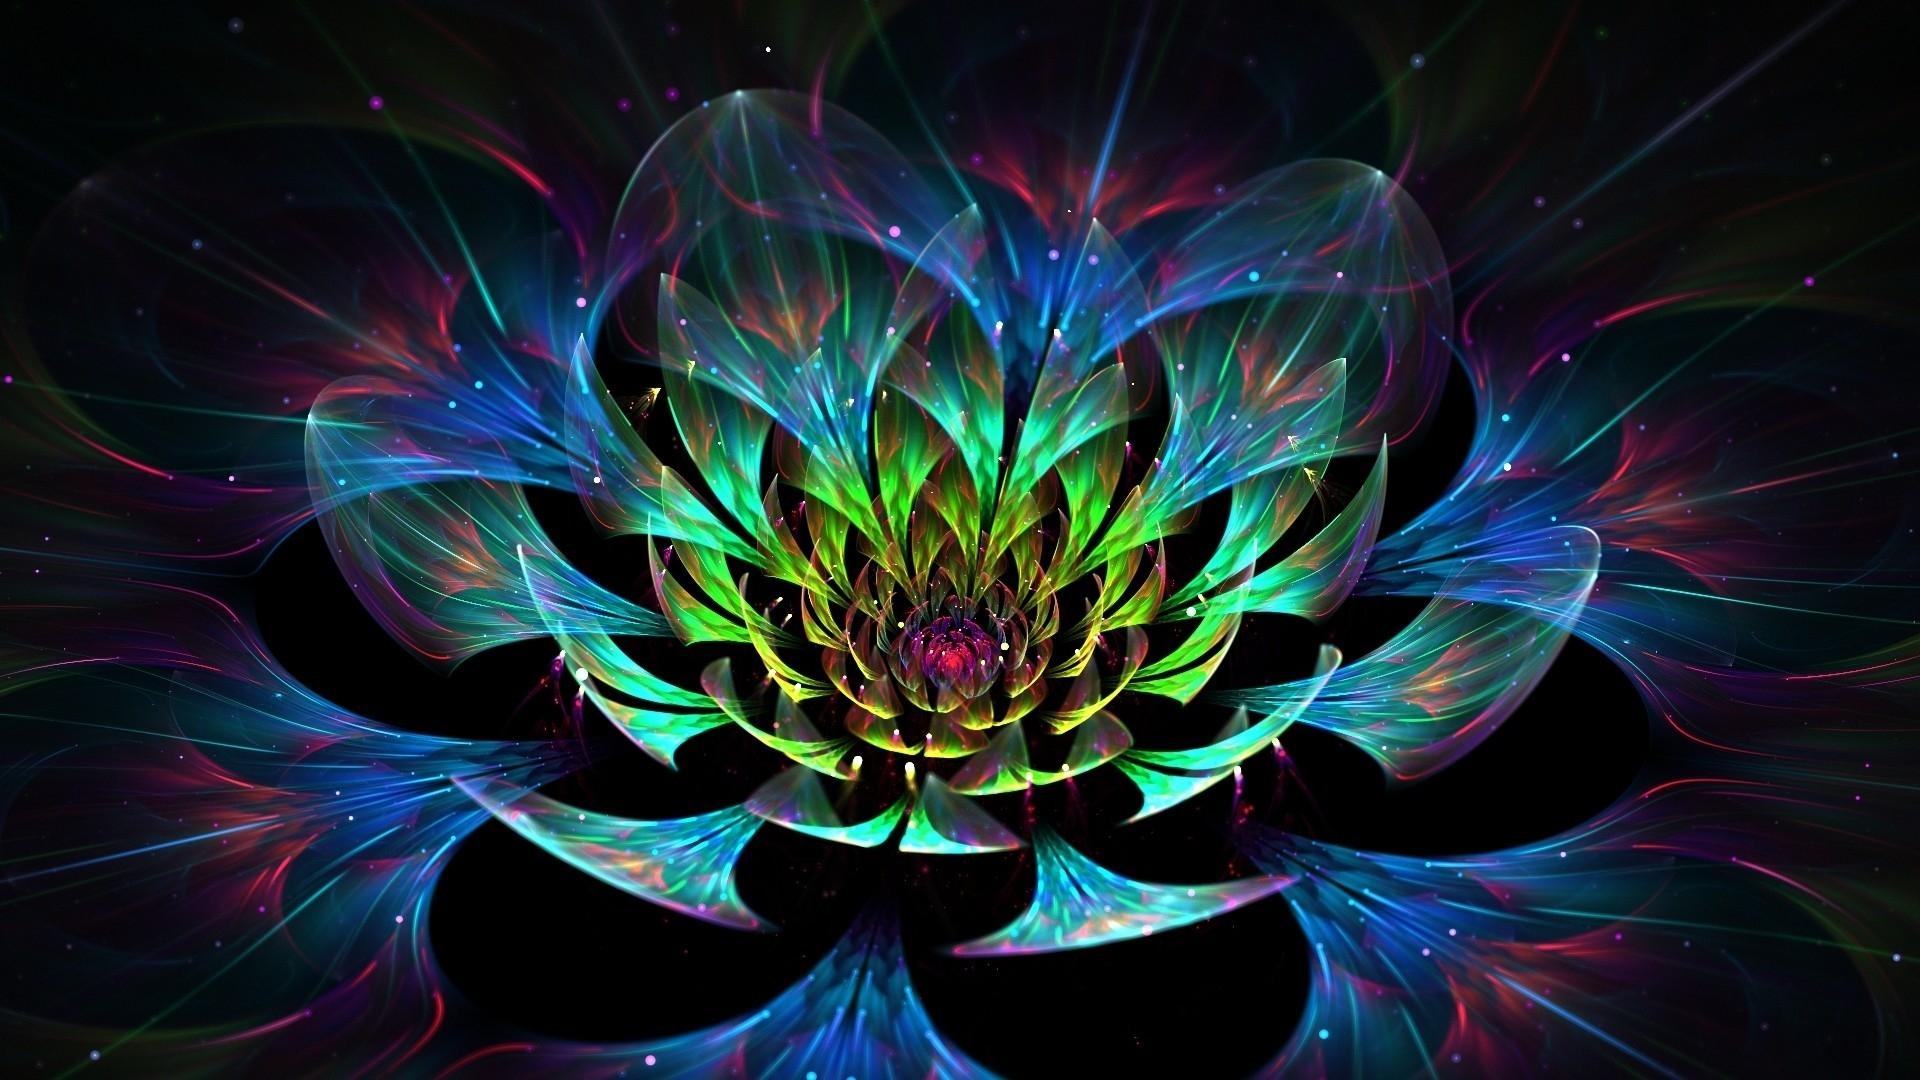 3D Lotus Flower 1920 x 1080 HDTV 1080p Wallpaper